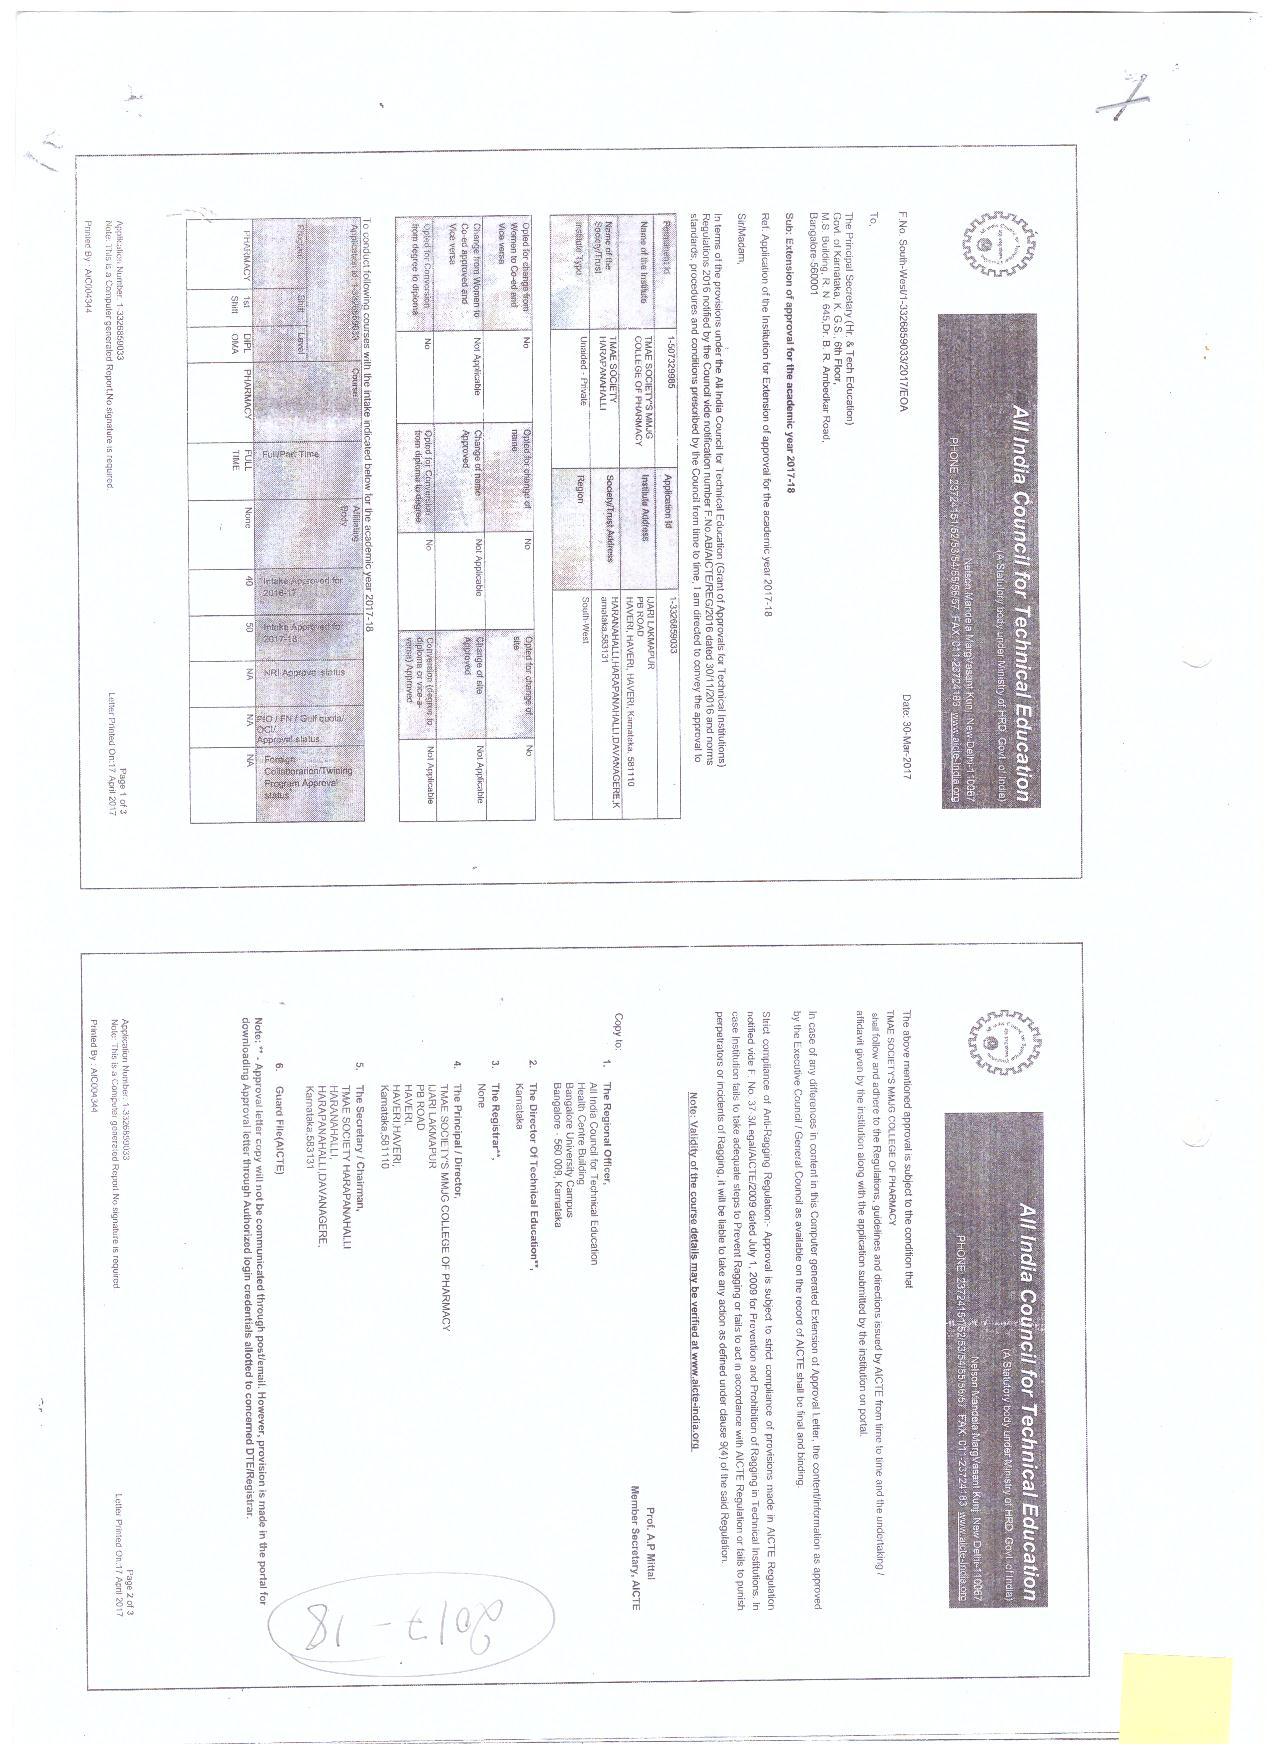 AICTE Approval Copy 2017-18 (1)